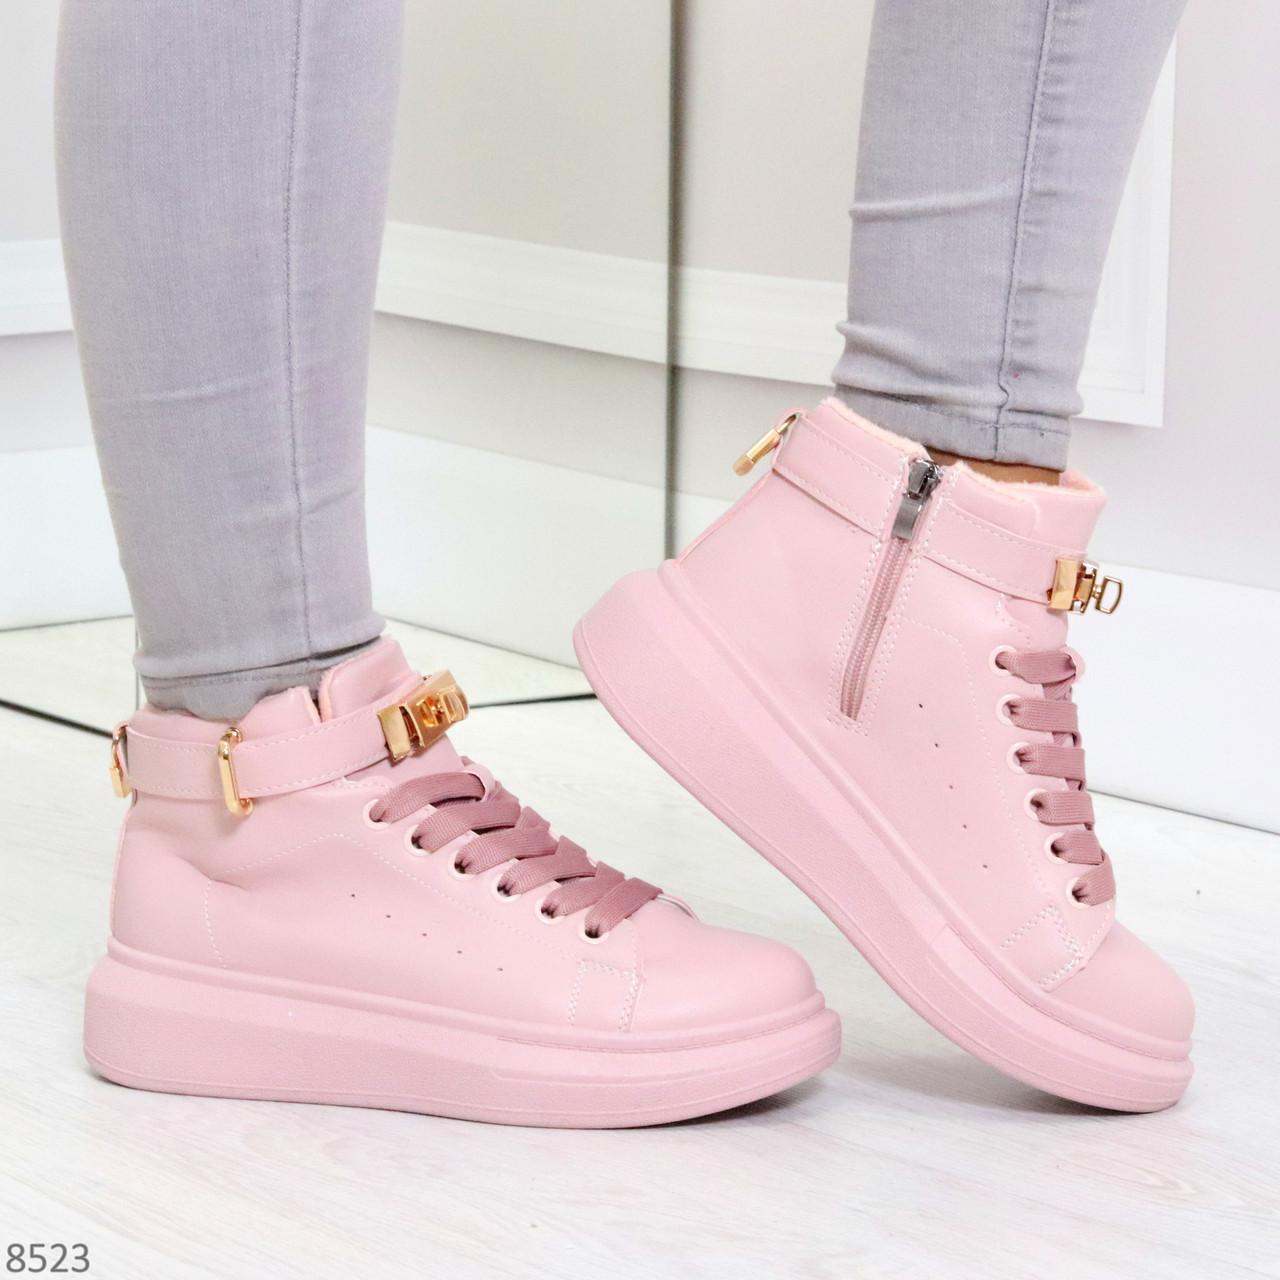 Розовые женские кроссовки на флисе с ремешком на щиколотке и навесными замочками